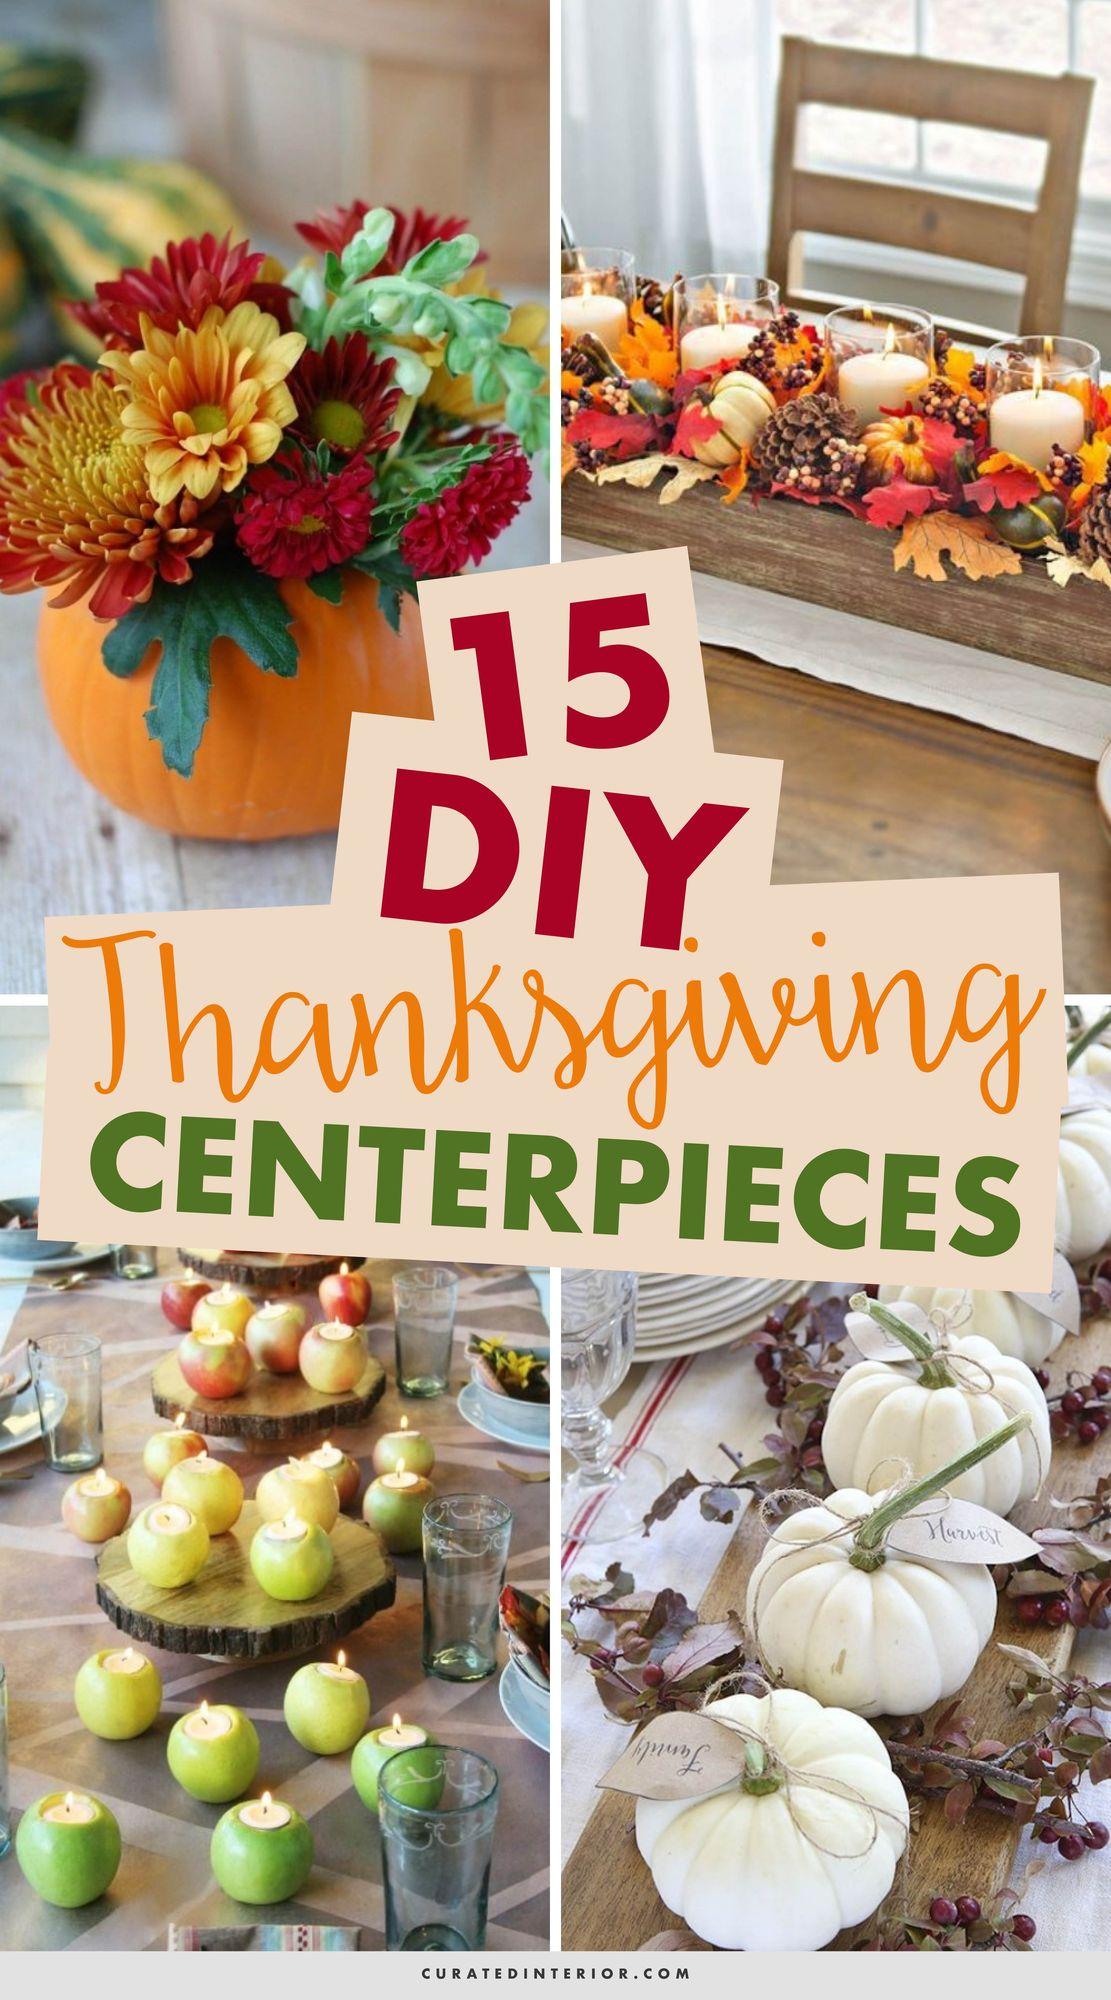 15 DIY Thanksgiving Centerpieces